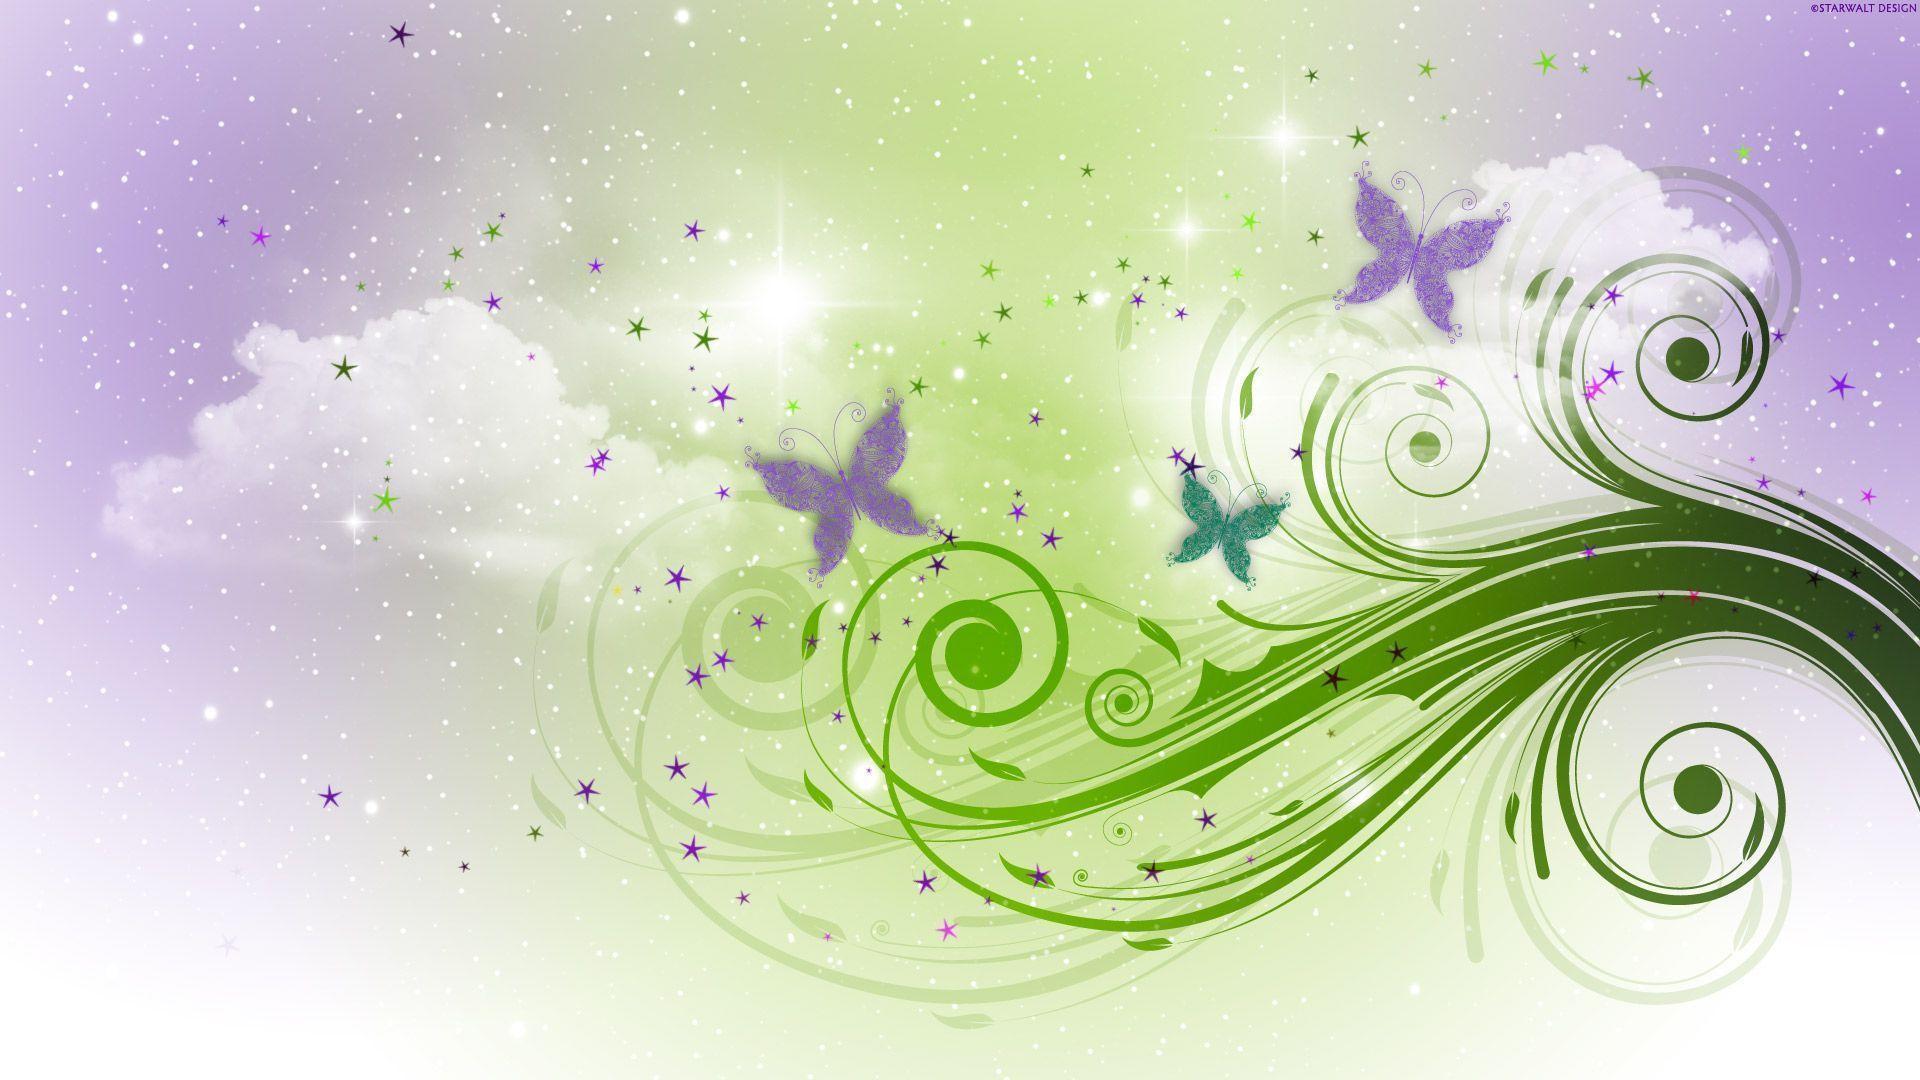 Cute Butterfly Wallpaper - 4870 - Denpasar News